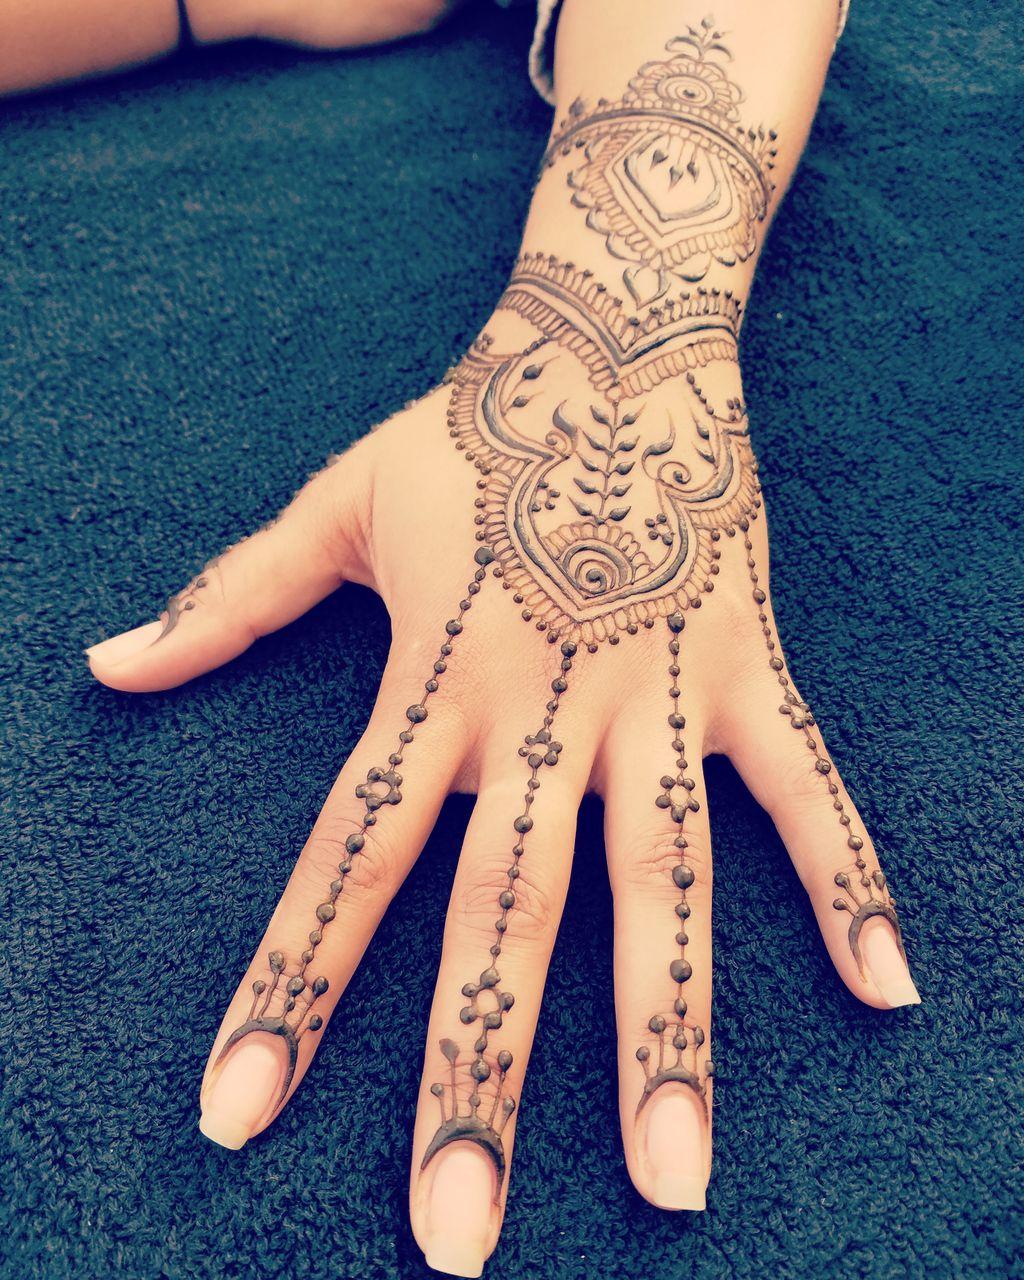 Elaborate Henna Tattoos